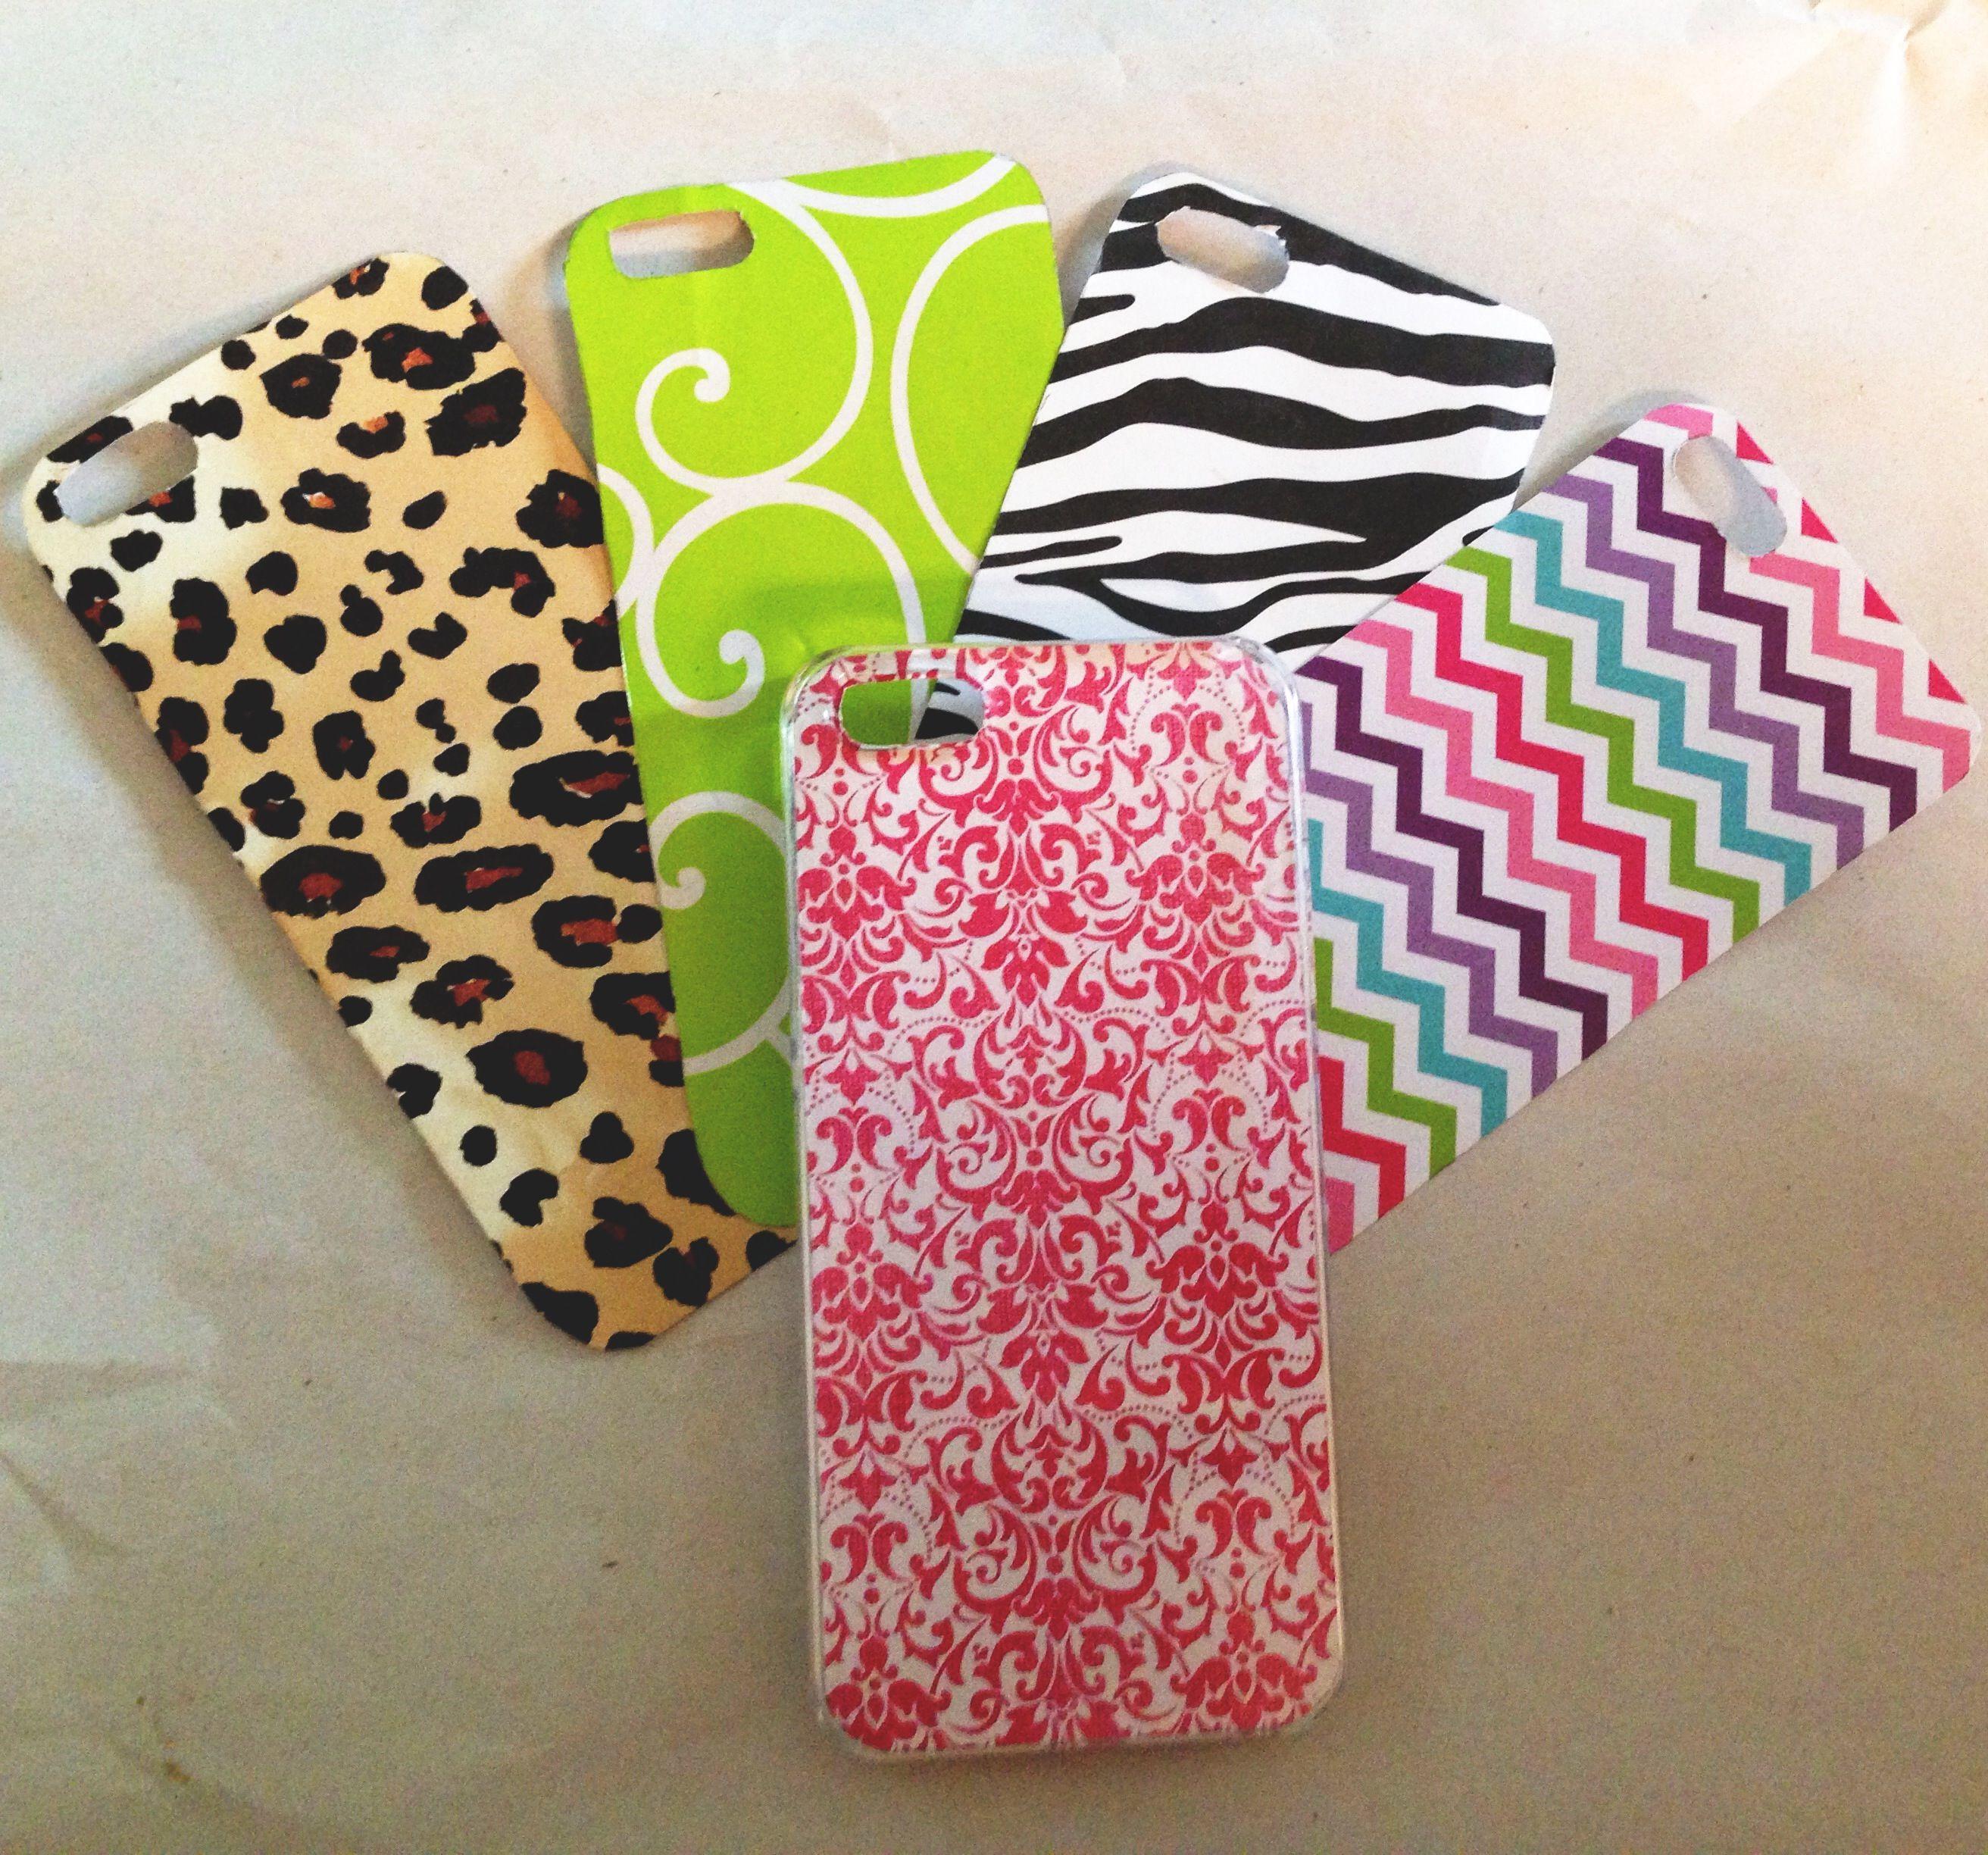 Scrapbook paper case - Diy Phone Case Clear Iphone Case With Pretty Scrapbook Paper So Easy And Cheap